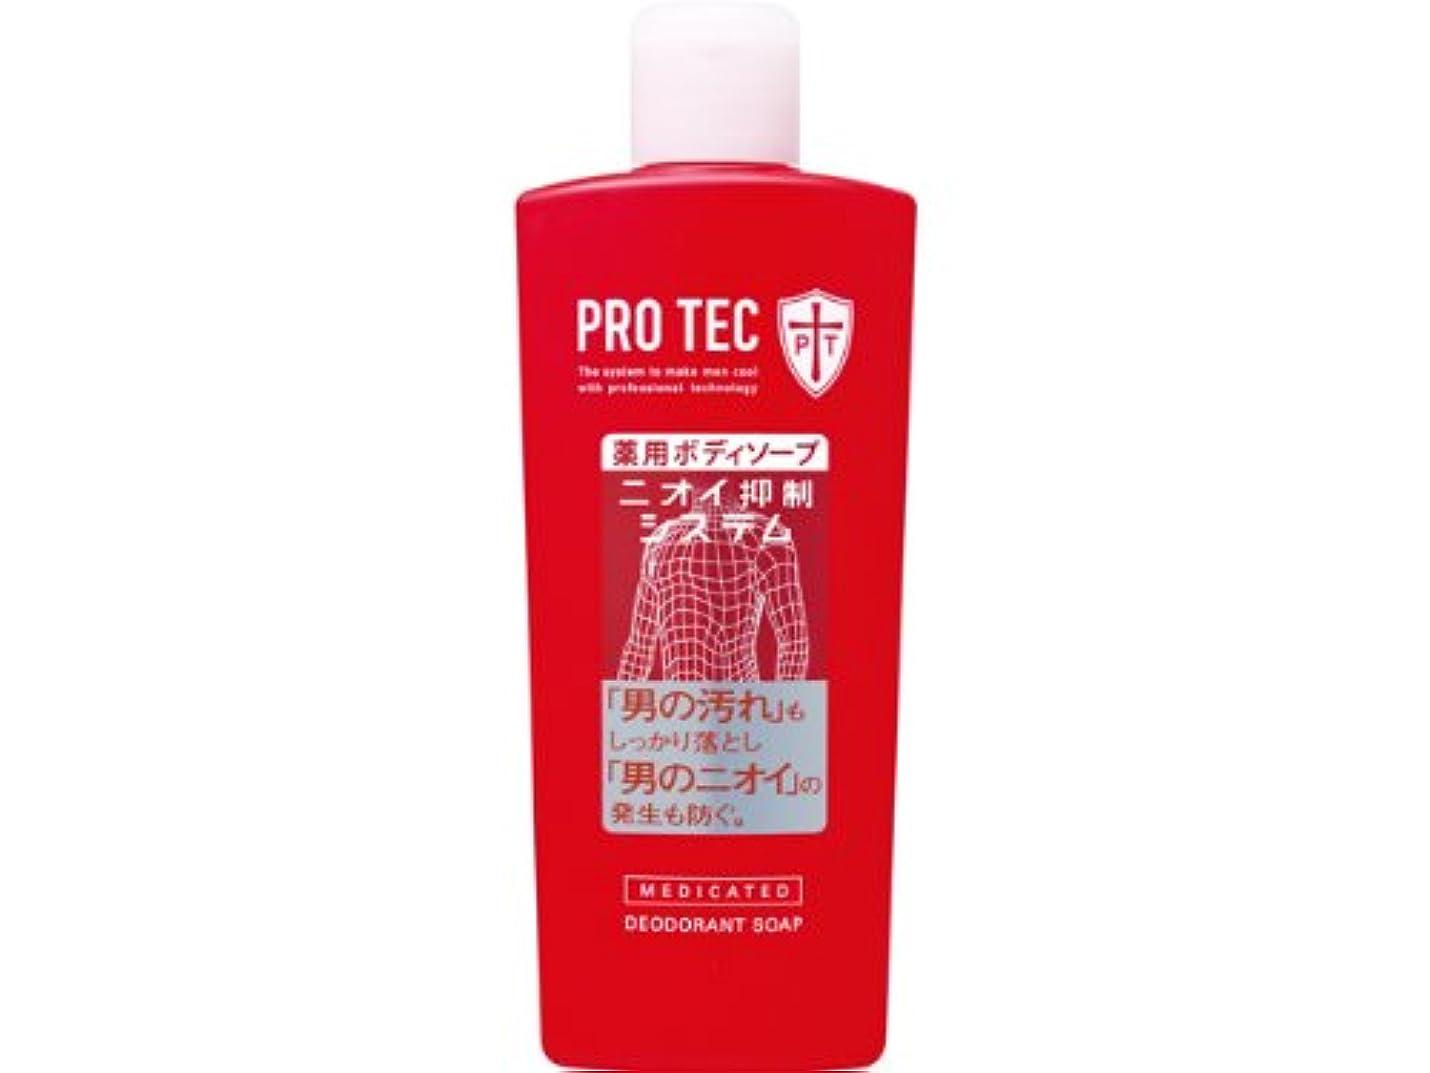 嫉妬避ける欺くPRO TEC(プロテク) デオドラントソープ 300ml